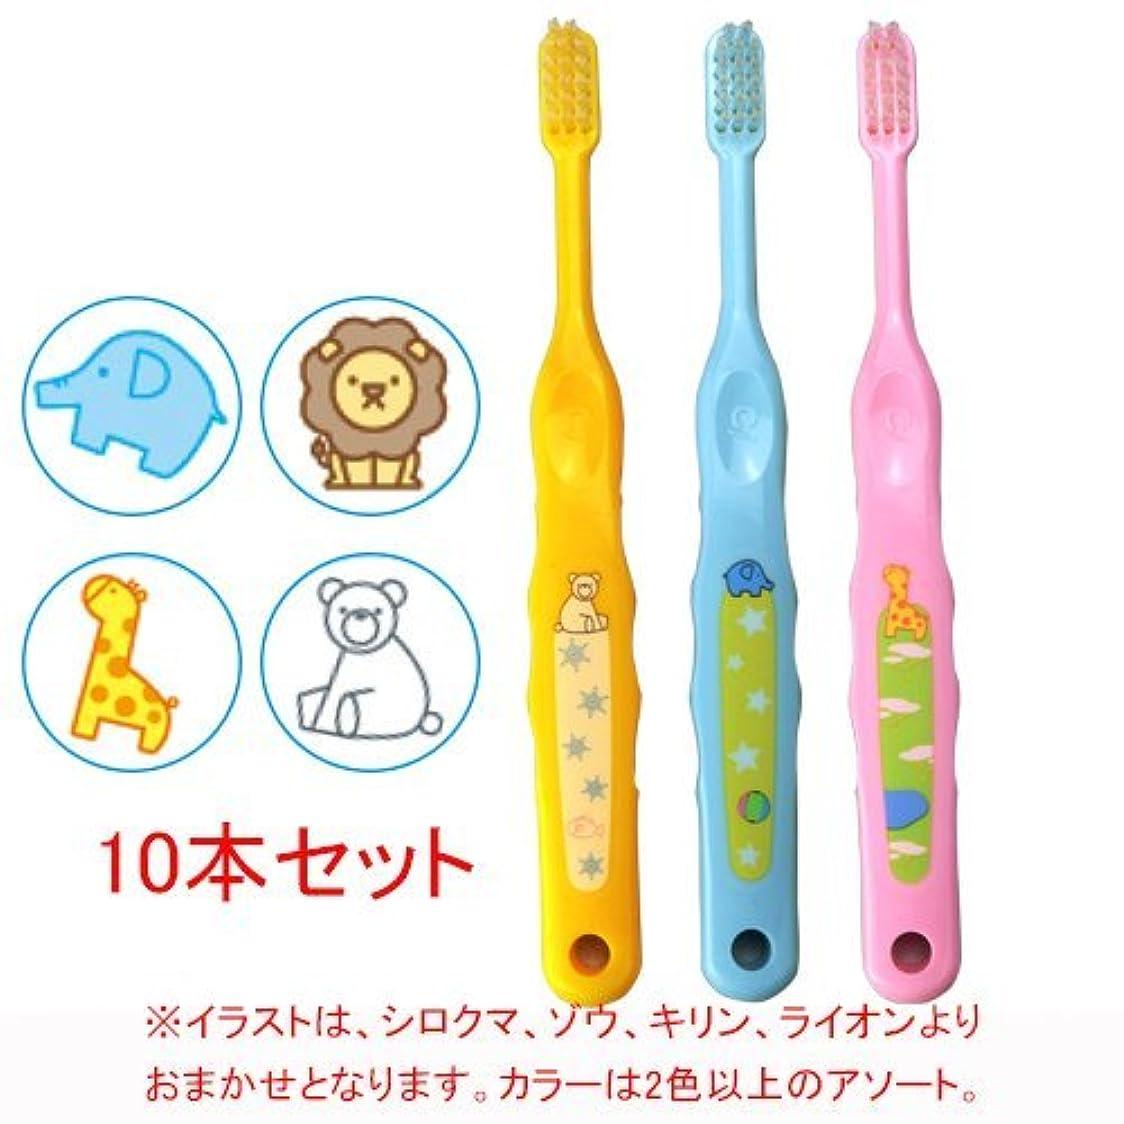 最も遠い汚染するキャンベラCiメディカル Ci なまえ歯ブラシ 502 (ふつう) (乳児~小学生向)10本